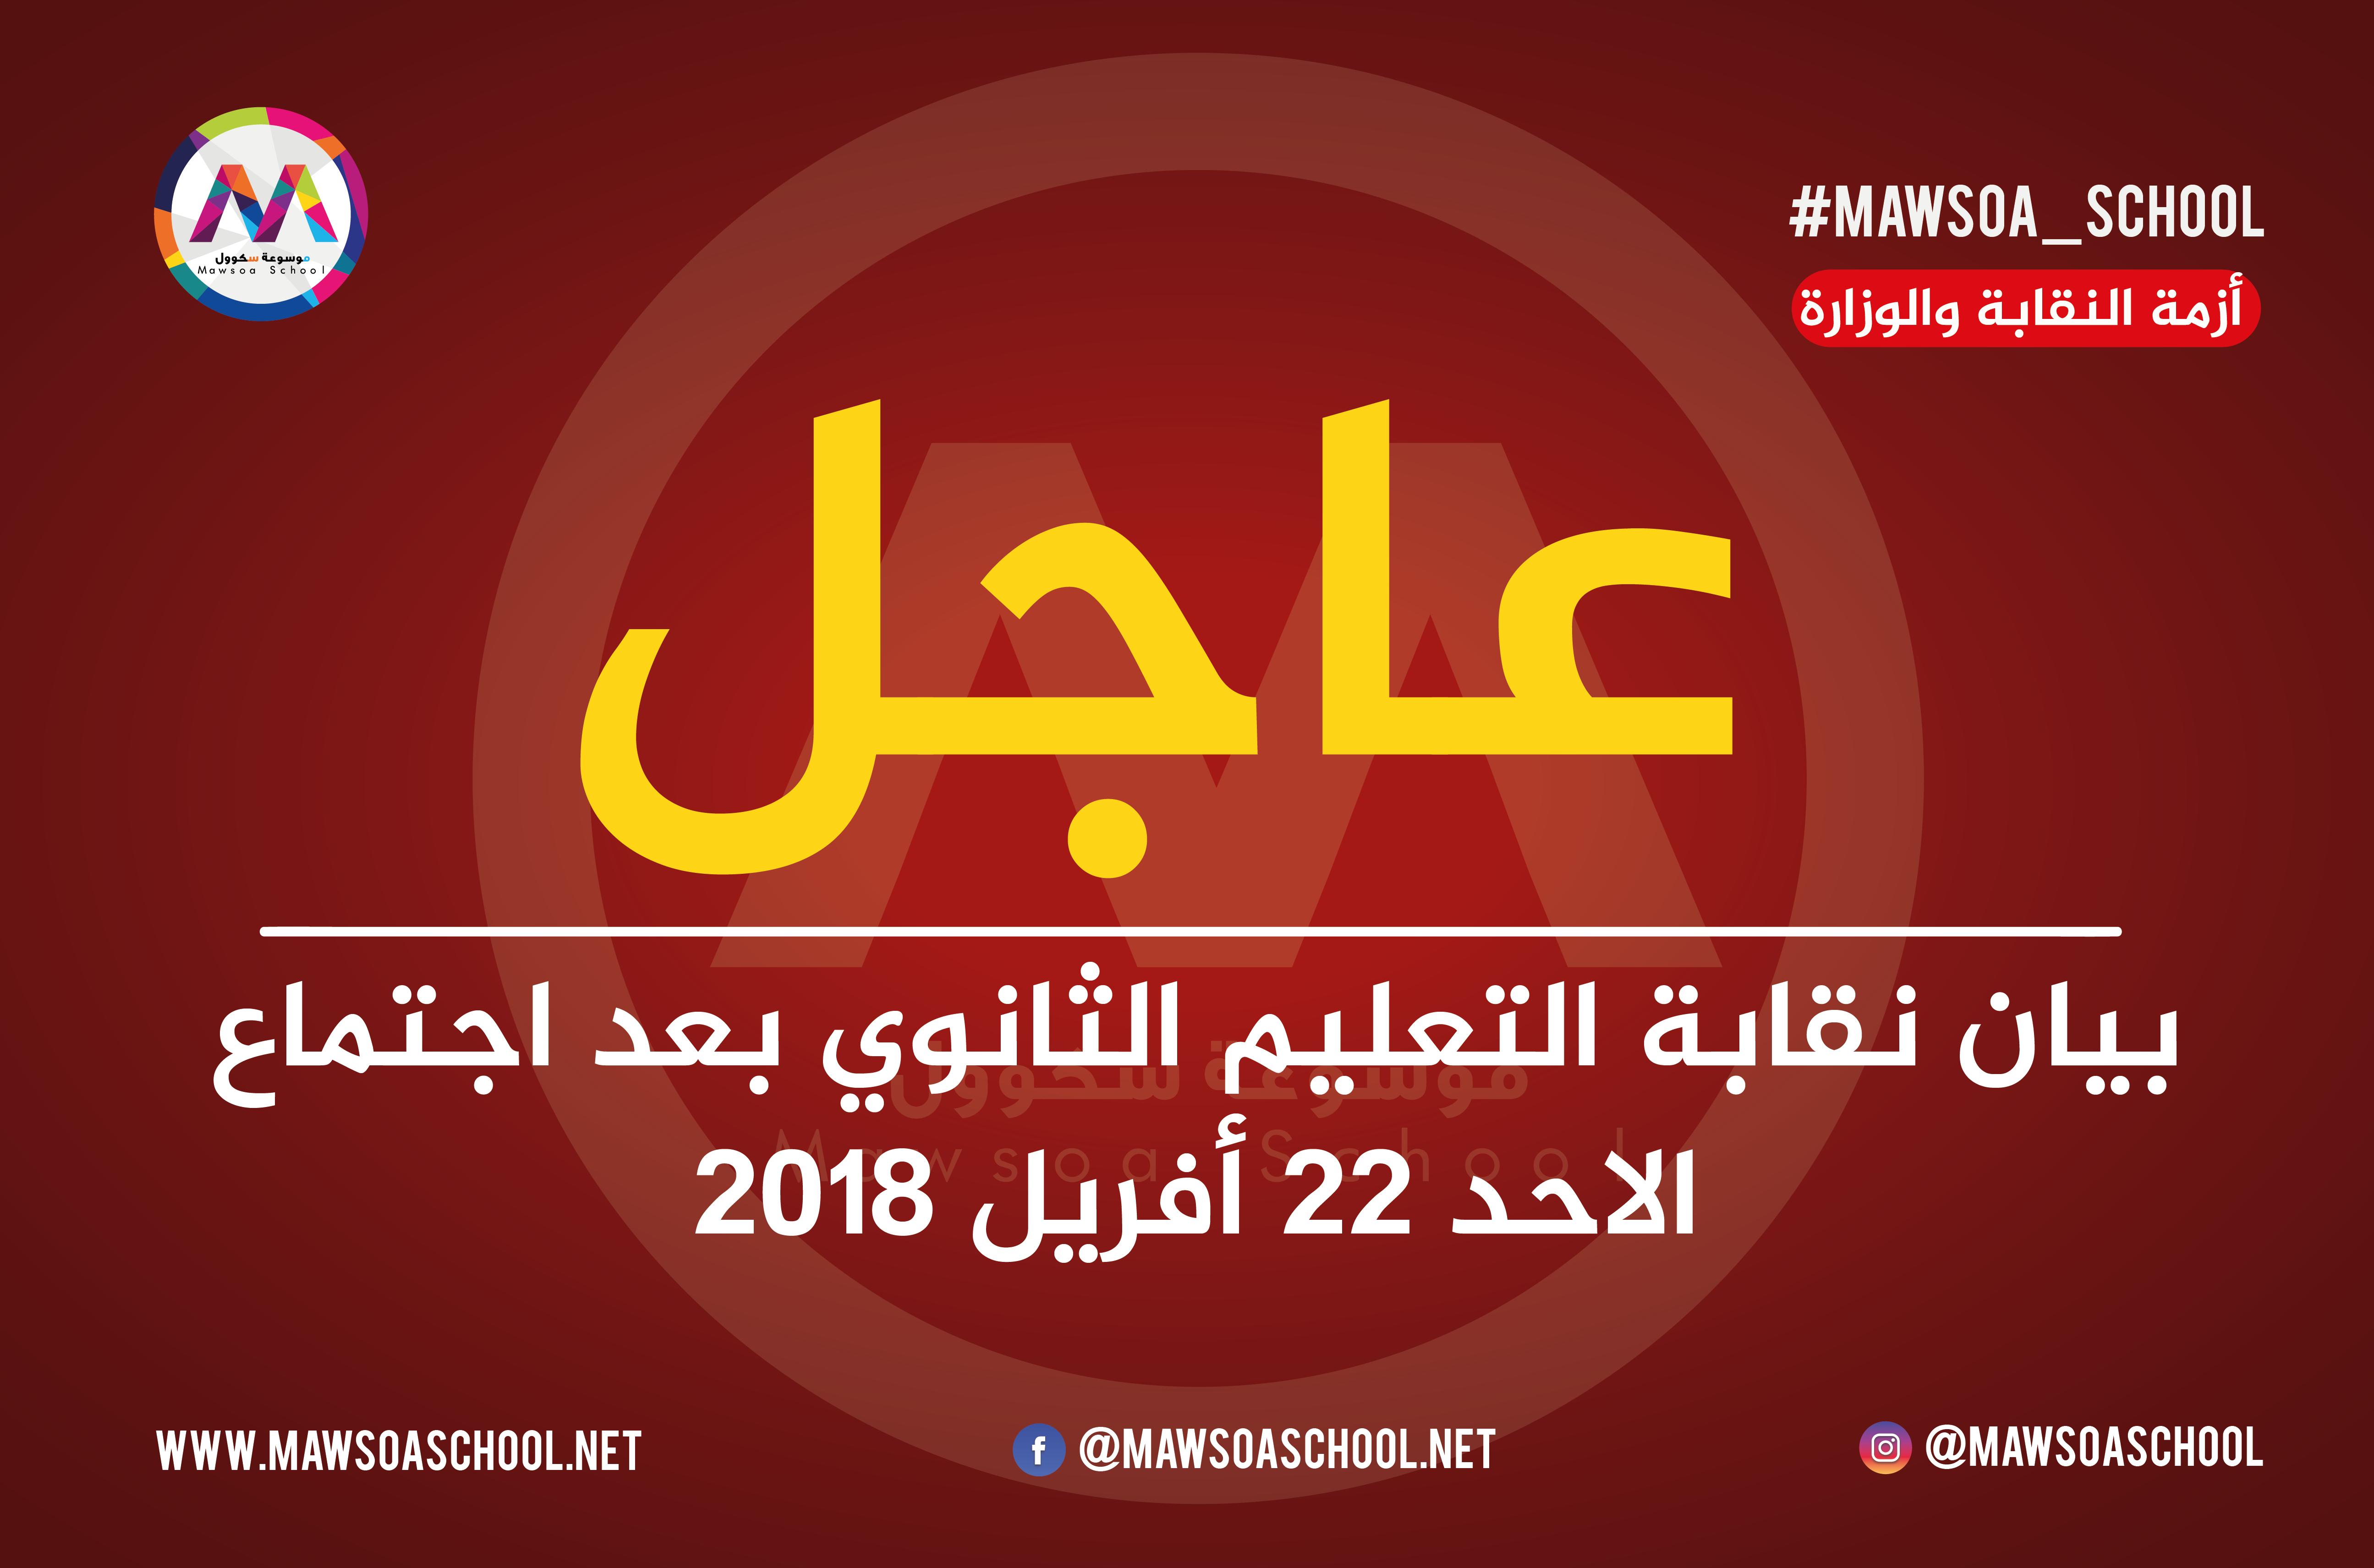 بيان نقابة التعليم الثانوي بعد اجتماع الاحد 22 أفريل 2018